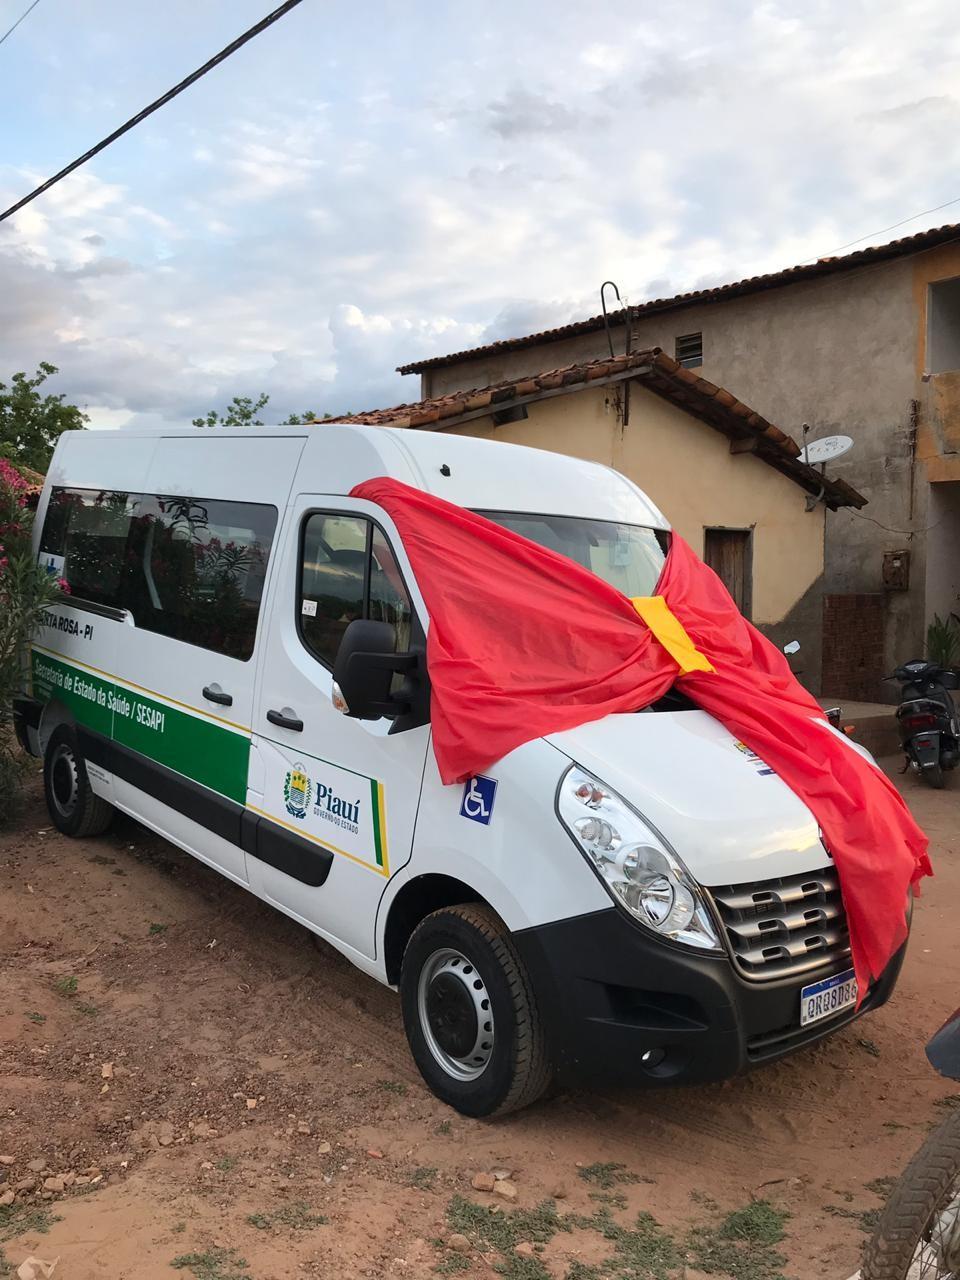 Sorteio do IPTU 2019, entrega da Van e assinaturas de ordem de serviços marcaram a noite deste domingo em Santa Rosa